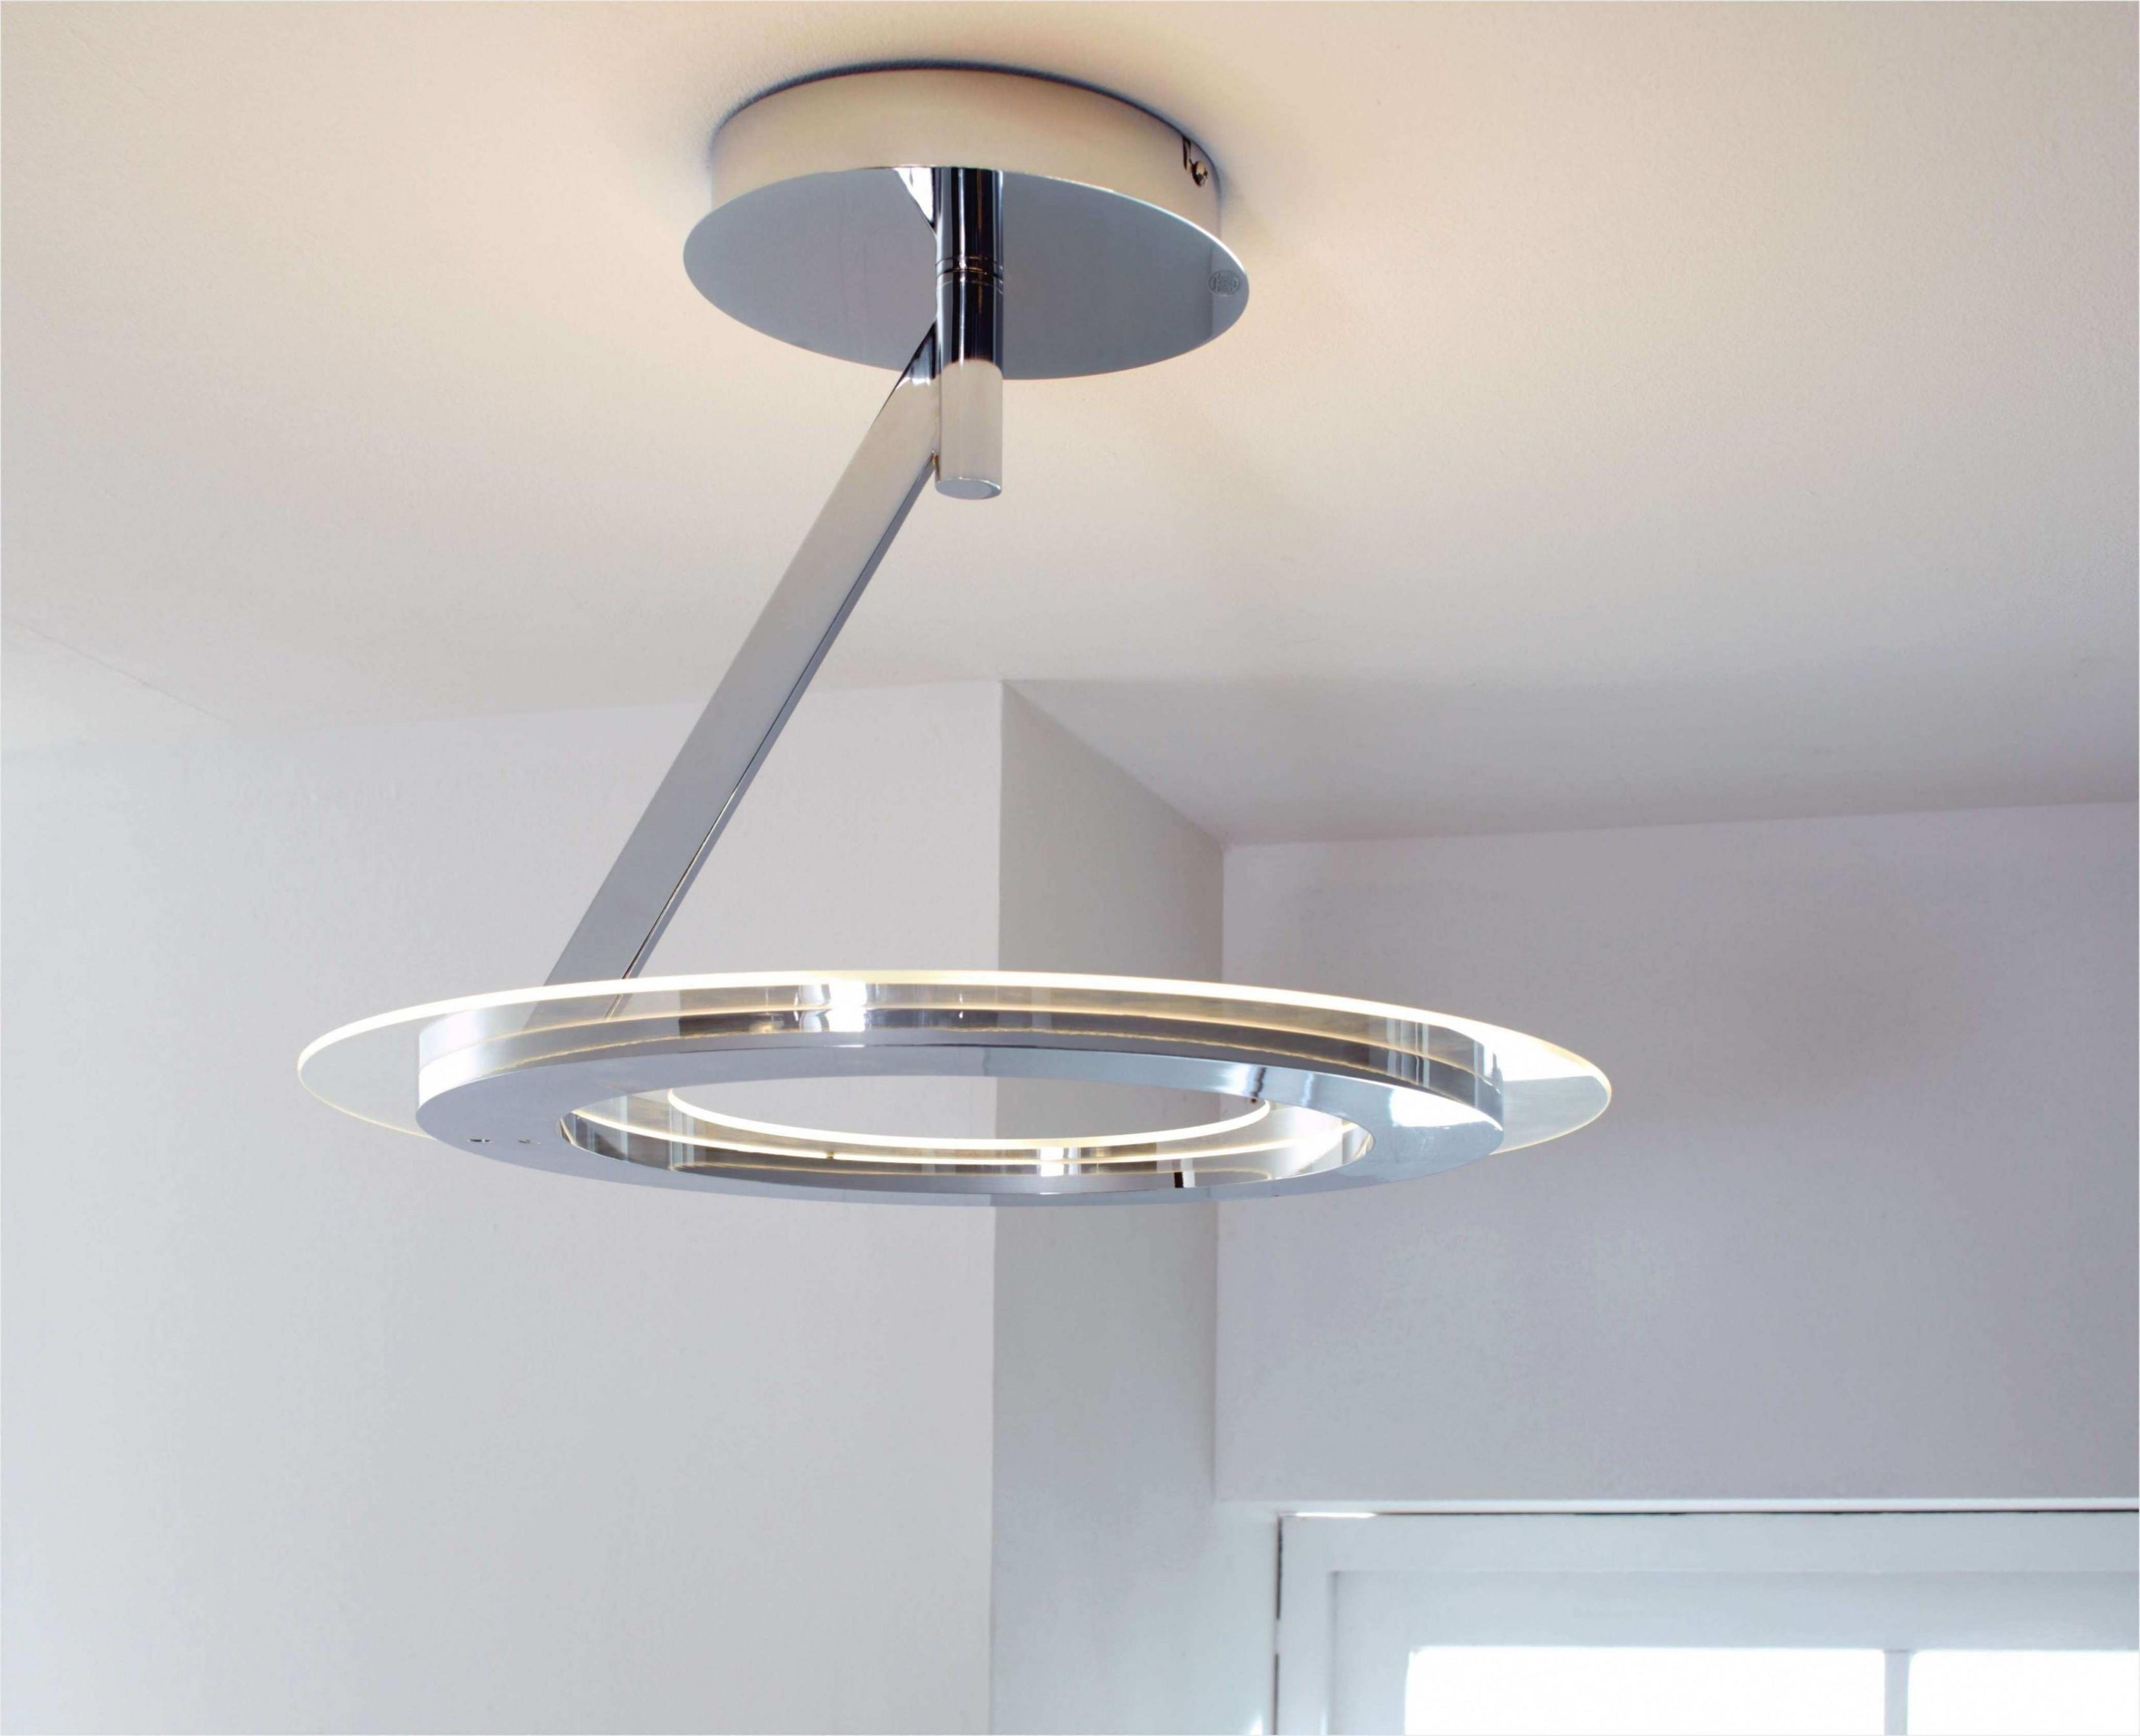 Lampen Wohnzimmer Modern Luxus 50 Tolle Von Lampen von Wohnzimmer Lampe Industriedesign Bild